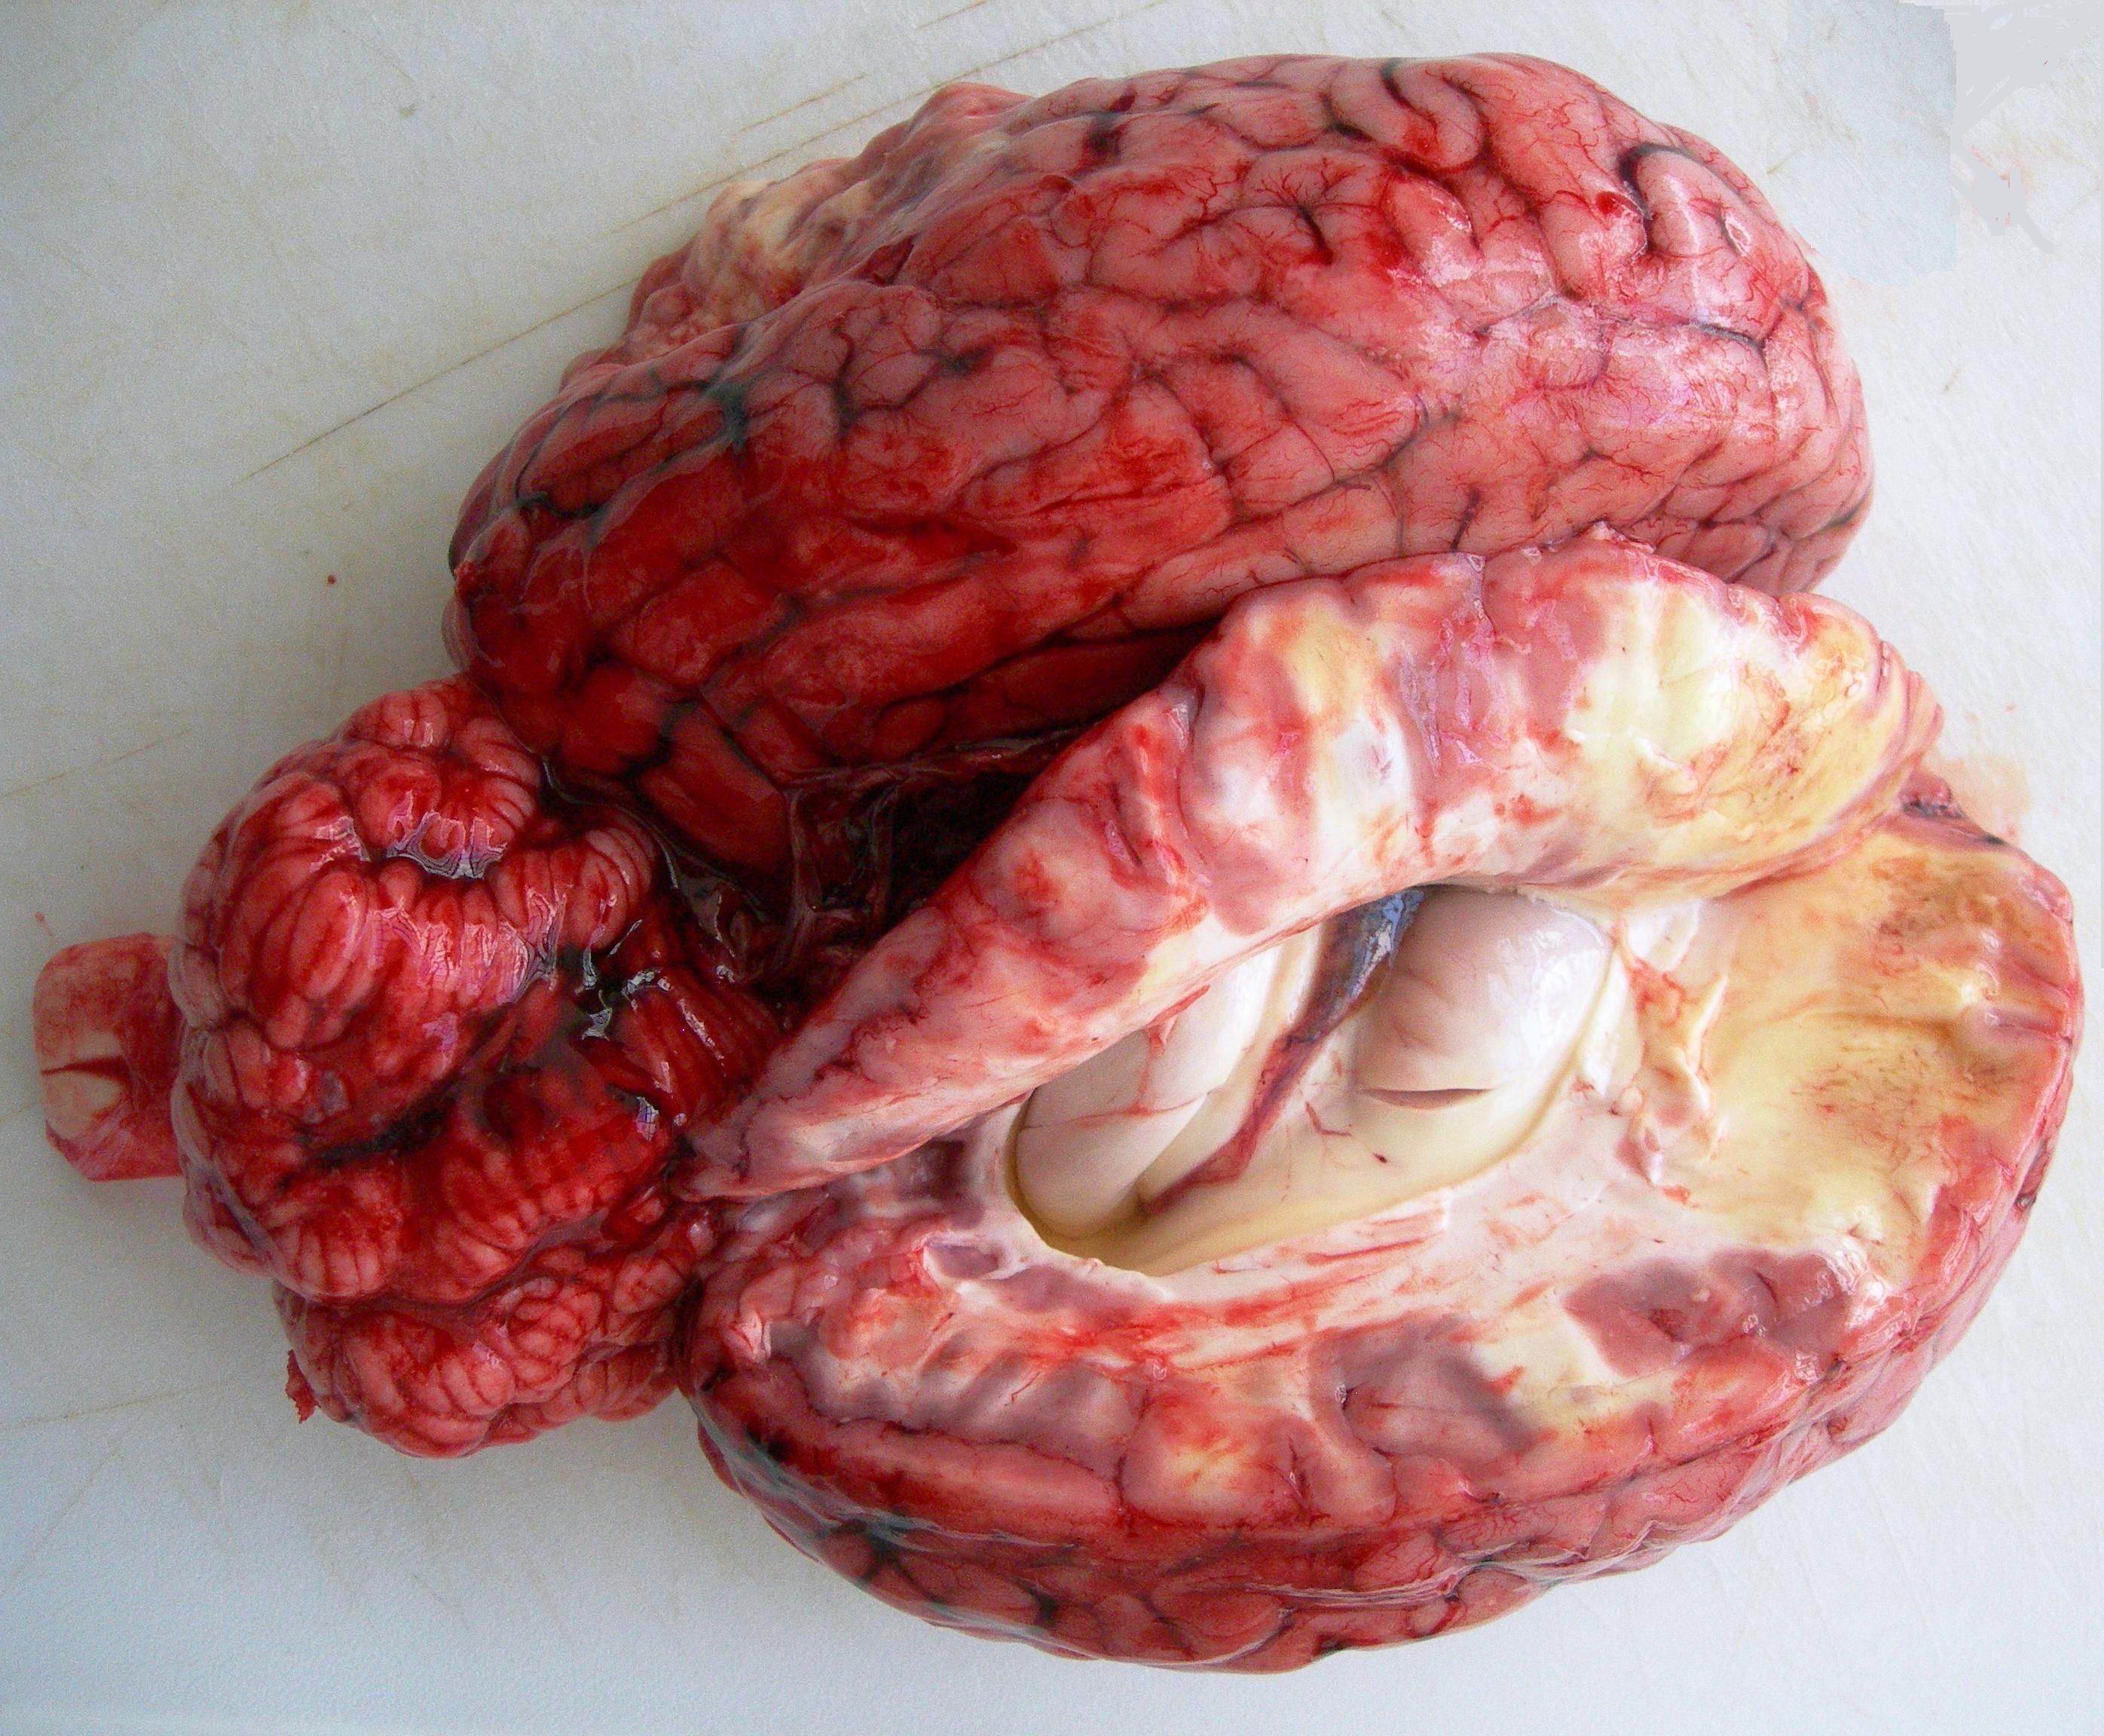 Foto 1: Cerebro y cerebelo con presencia de congestión y hemorragias meníngeas. Se aprecia en la región frontal del hemisferio derecho una zona de malacia que afecta a la sustancia blanca.